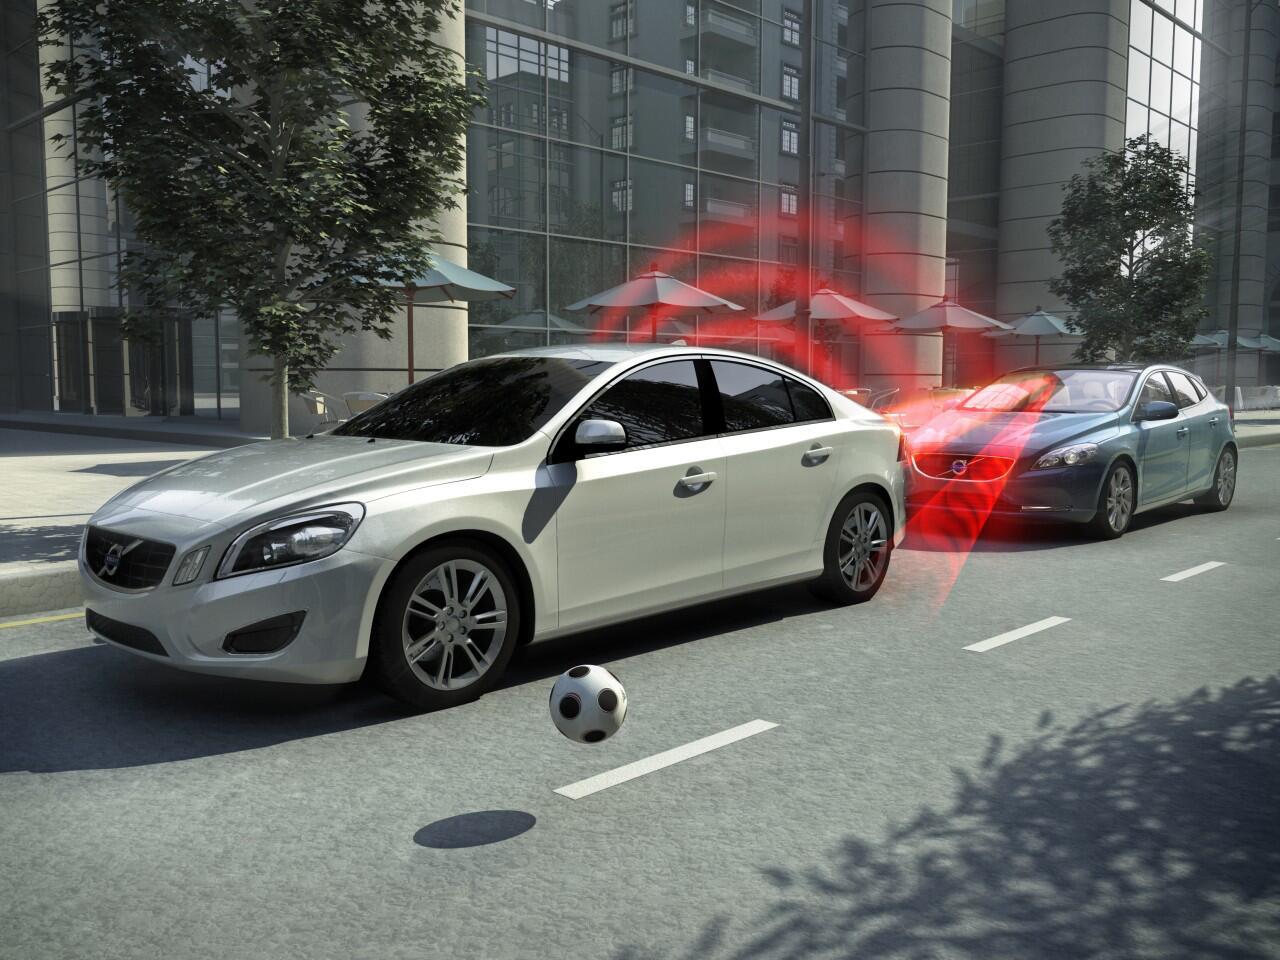 Bild zu Der vorgeschriebene Sicherheitsabstand soll Unfällen vorbeugen